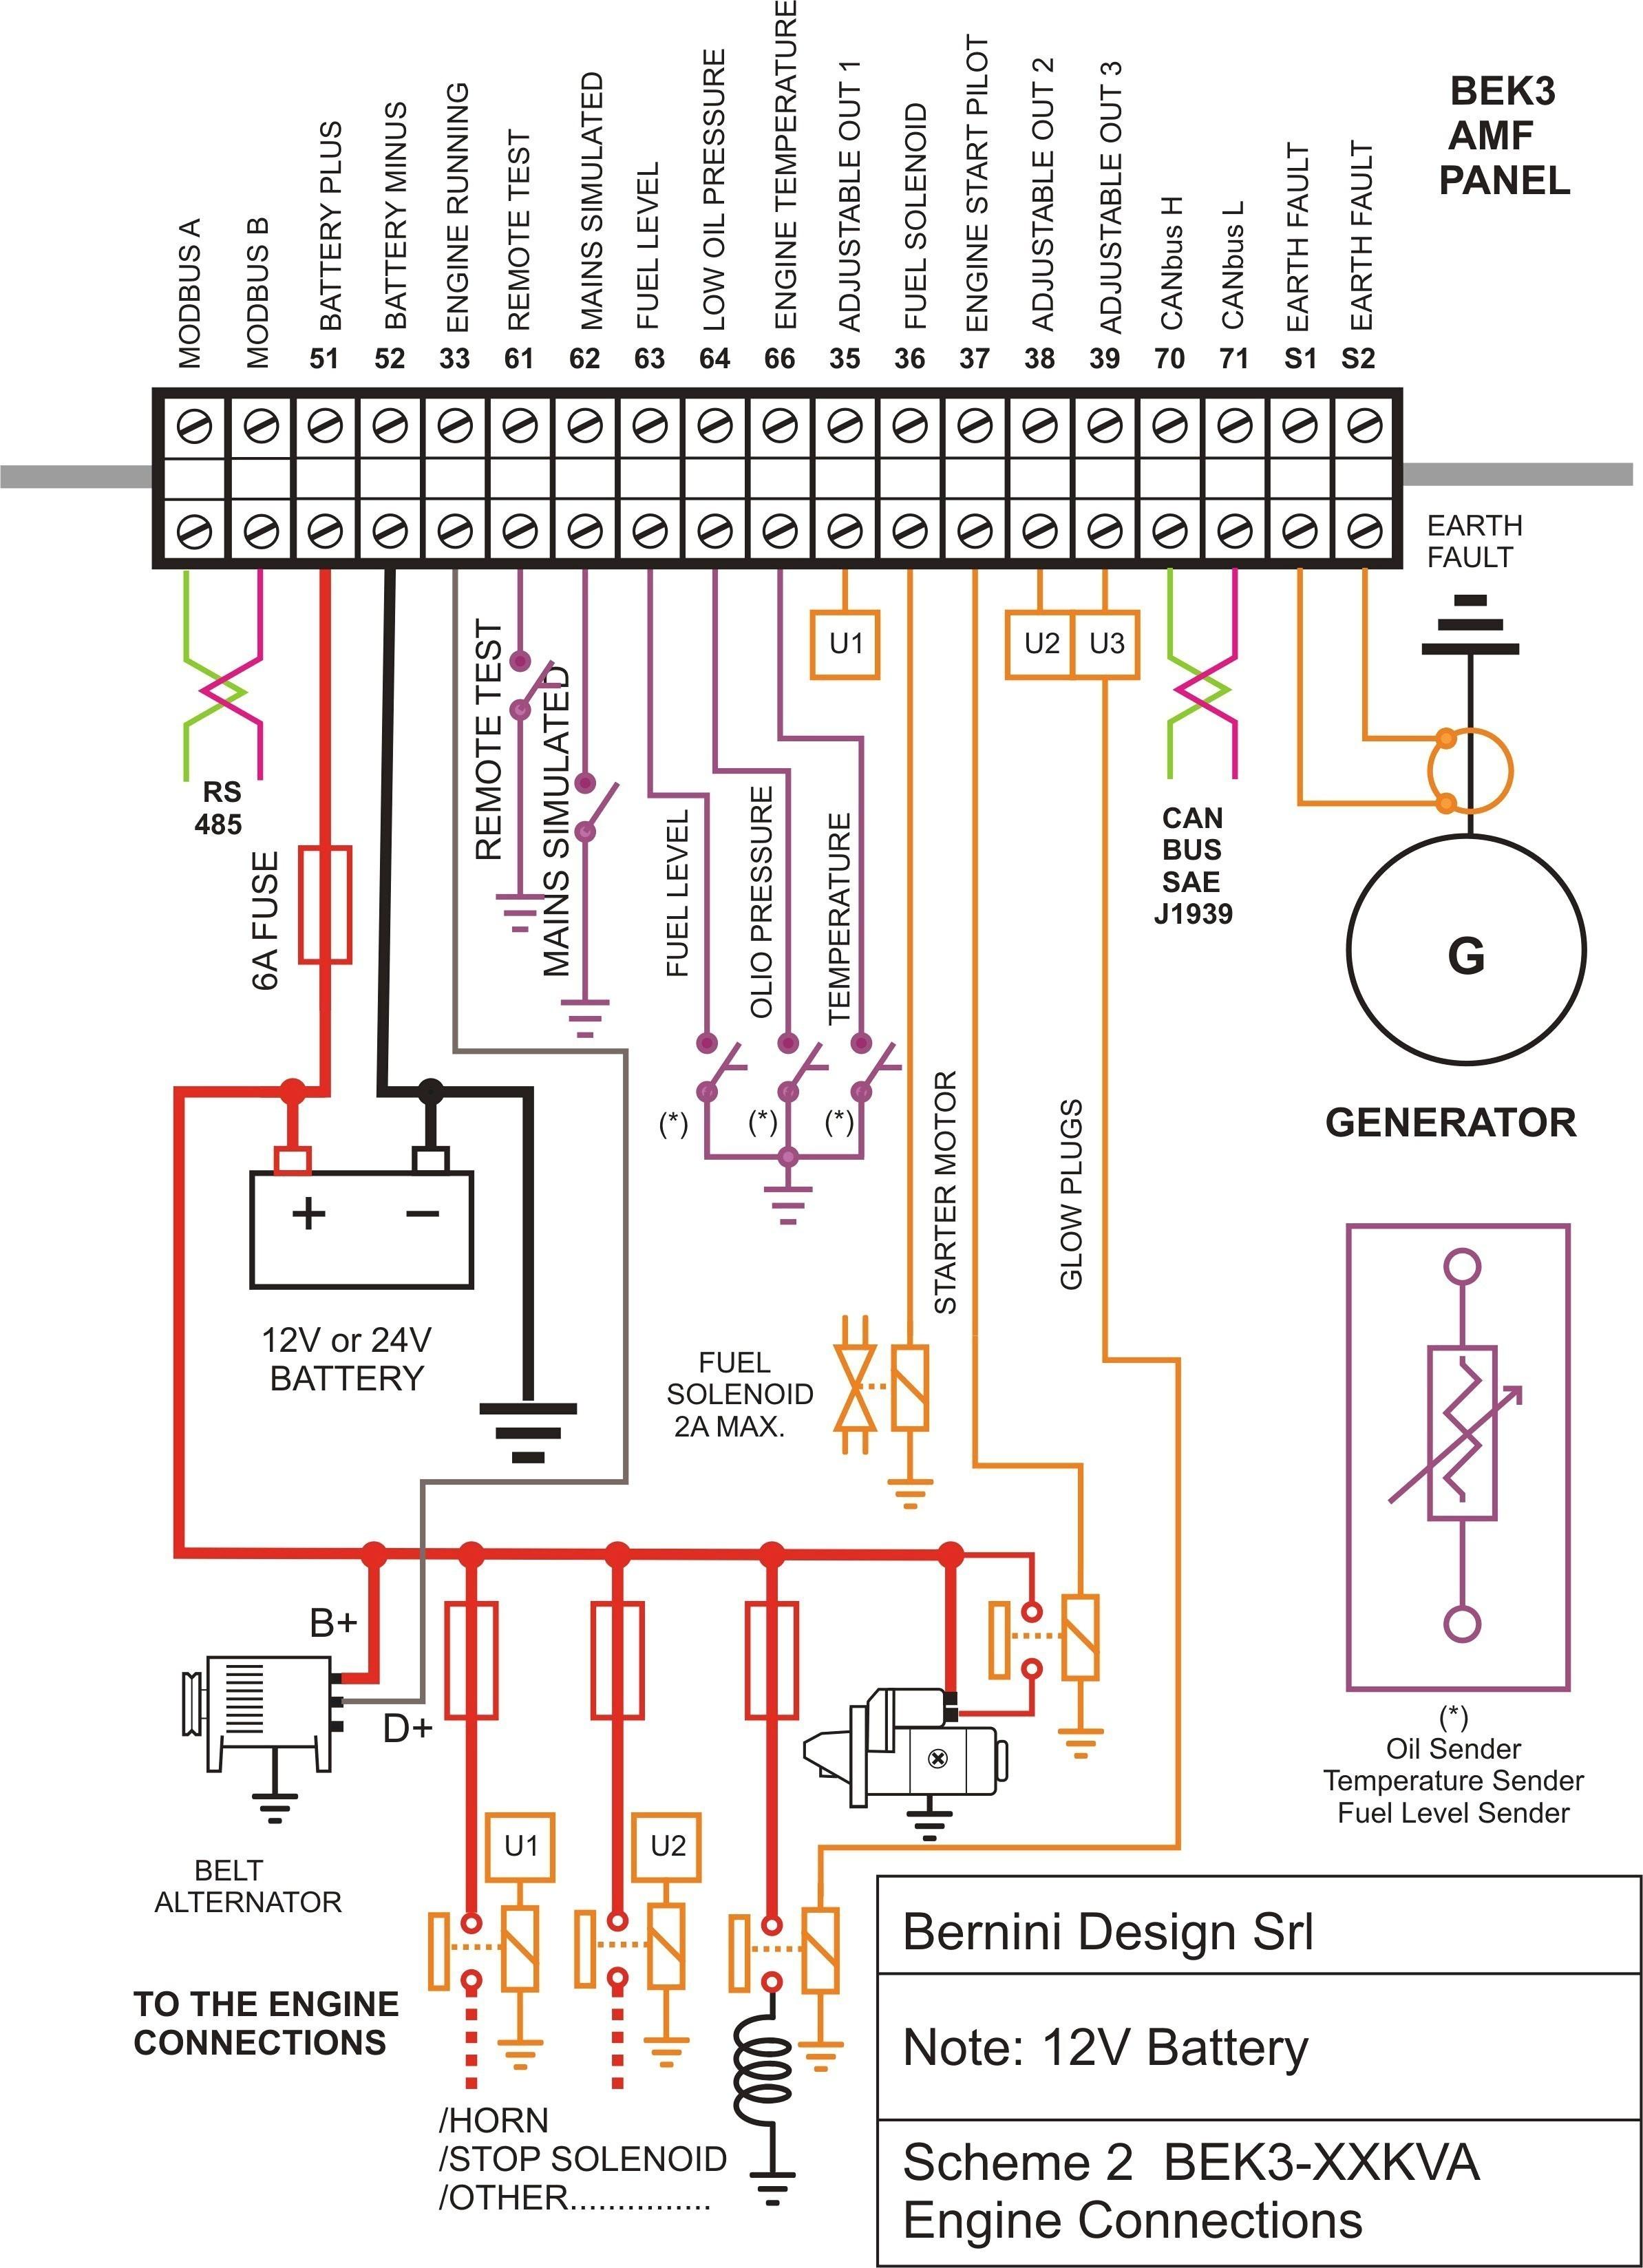 asco wiring diagram 617420 037 basic house wiring wiring diagram  basic house wiring wiring diagram